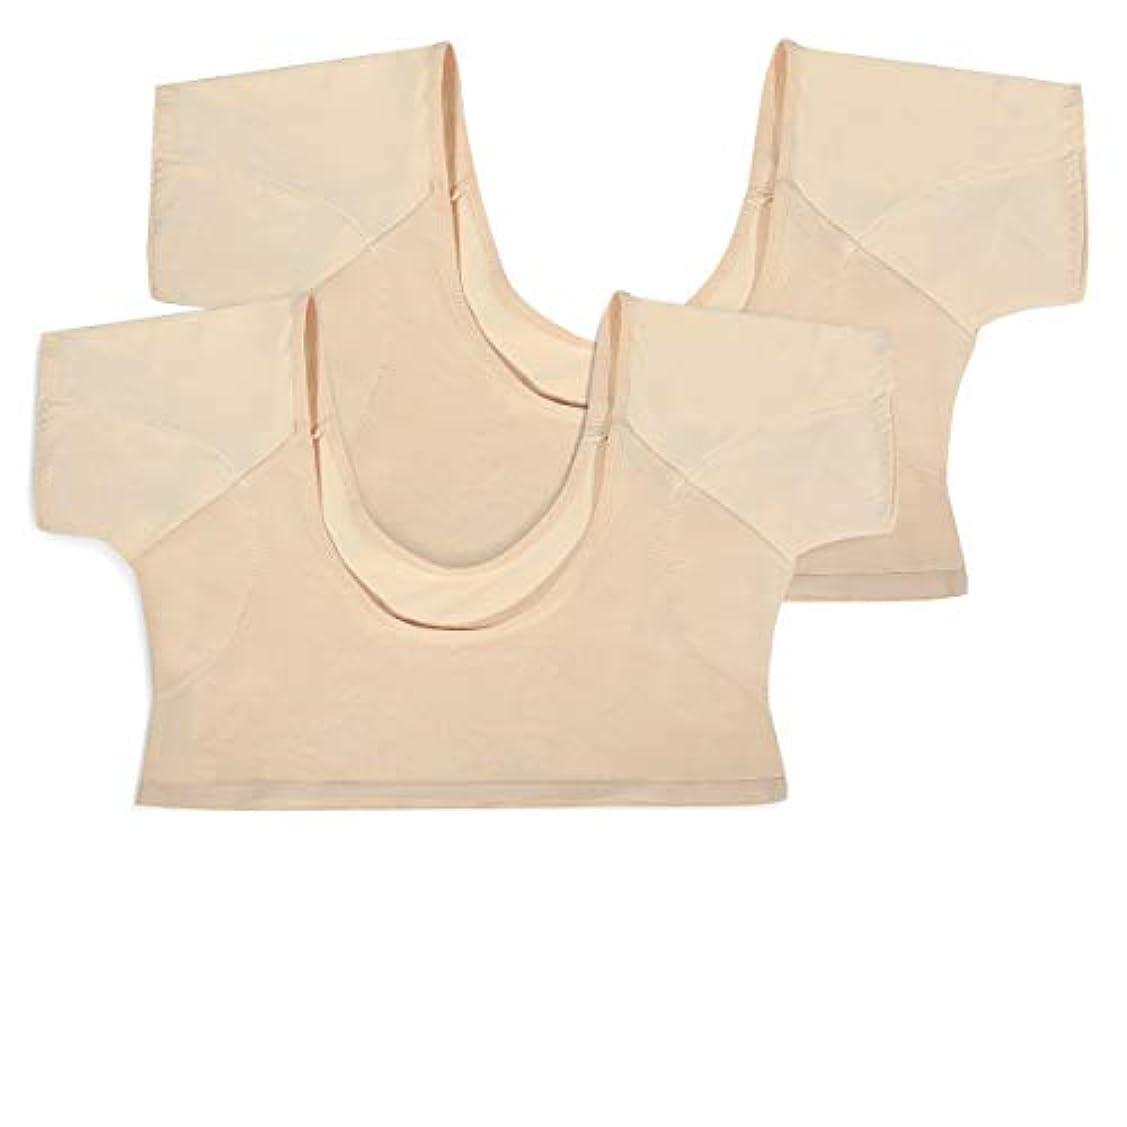 一致する上がる同盟LC-dolida レディースインナーシャツ 2枚組み 脇汗パッド付き ワキさらり 色透け難い 極薄 吸水速乾 汗取りパッド(Lサイズ)